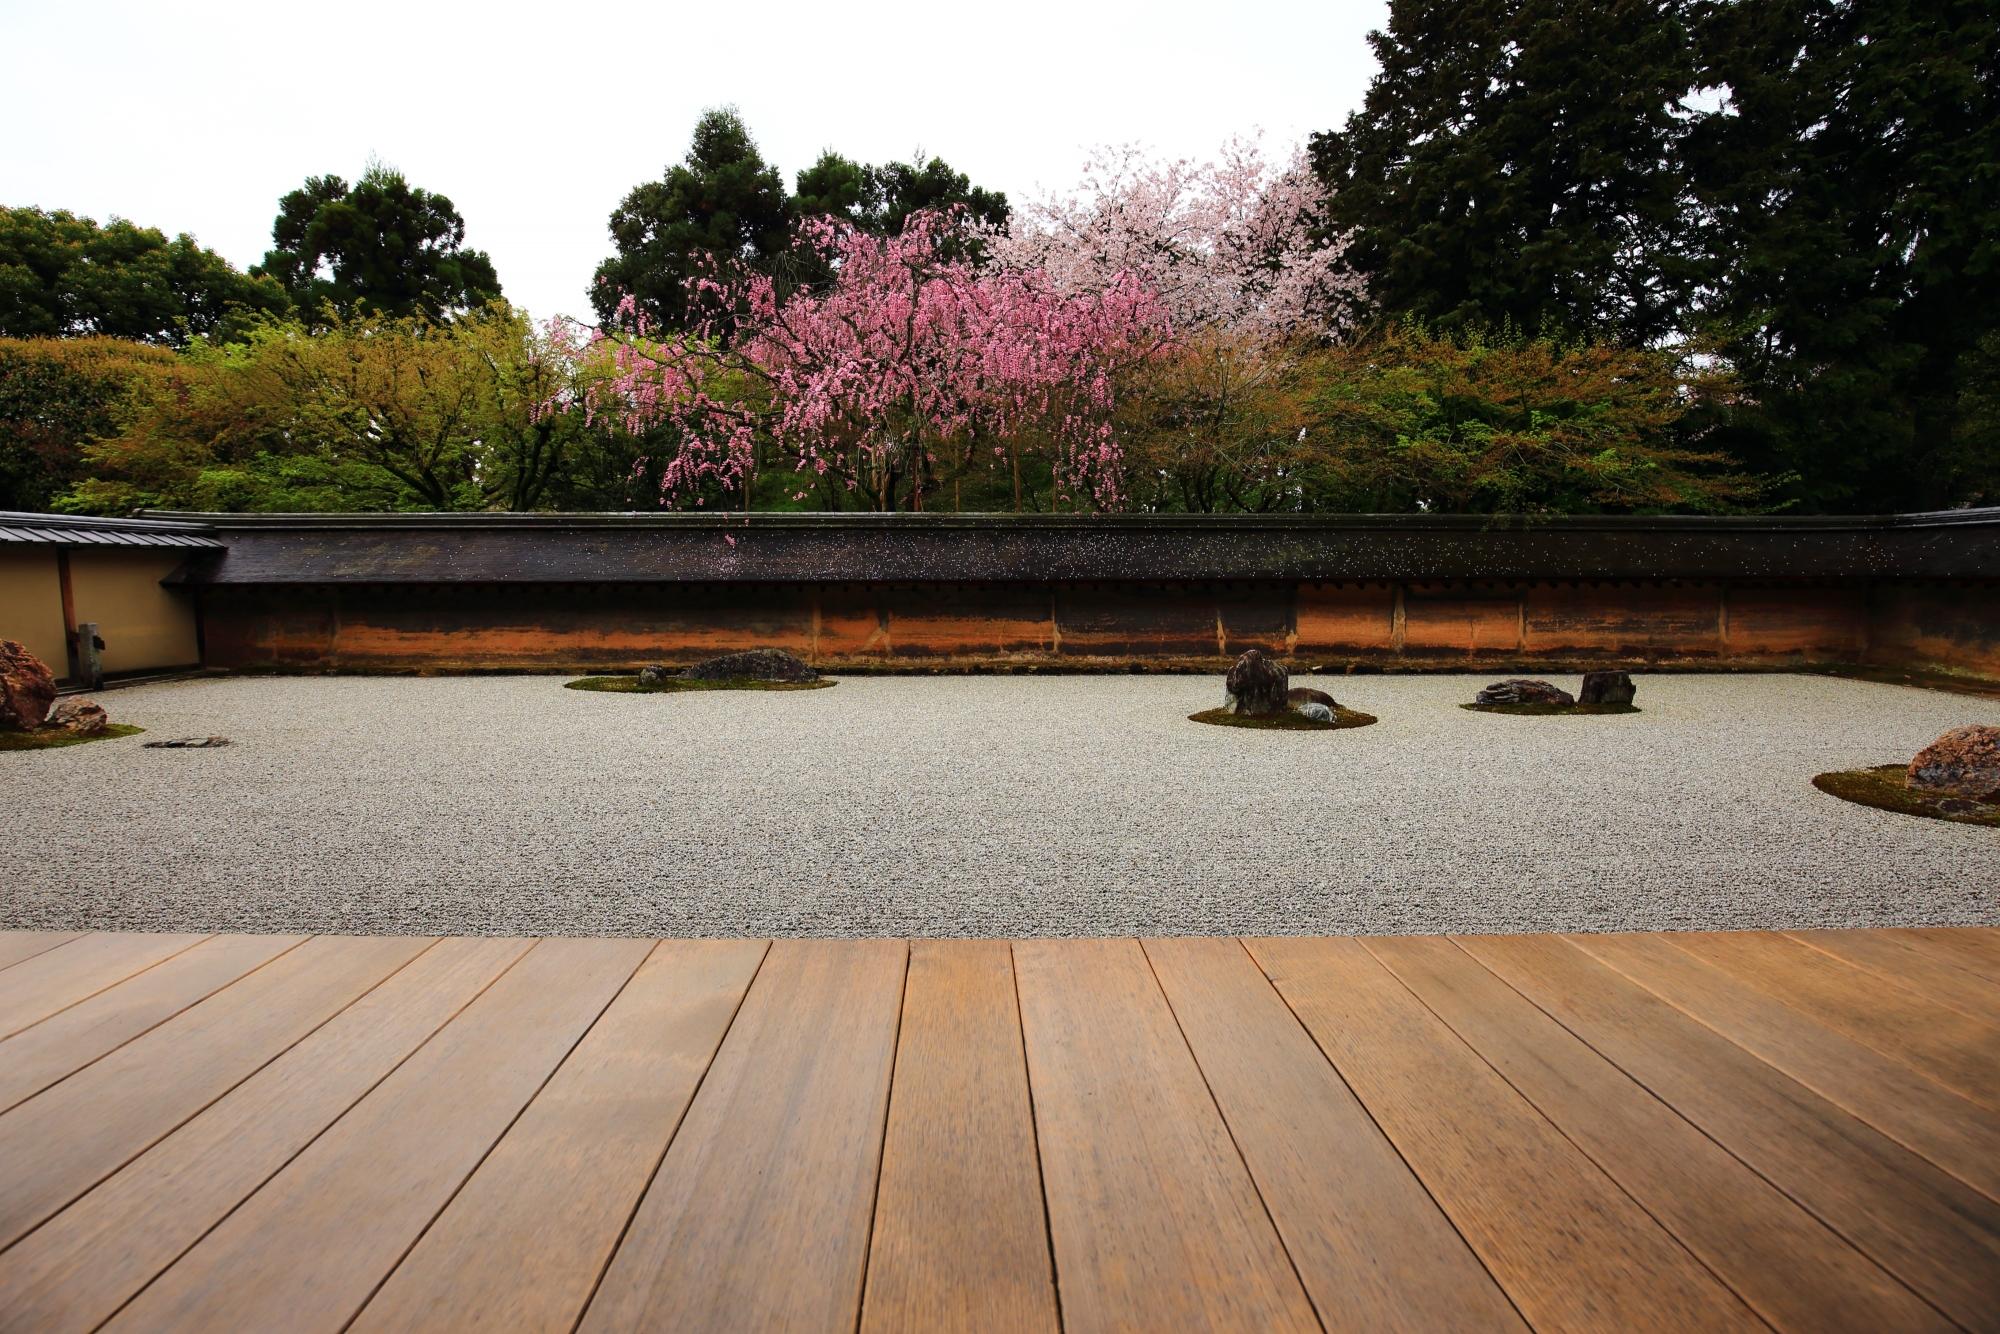 龍安寺の素晴らしい雨の桜と春色の風景